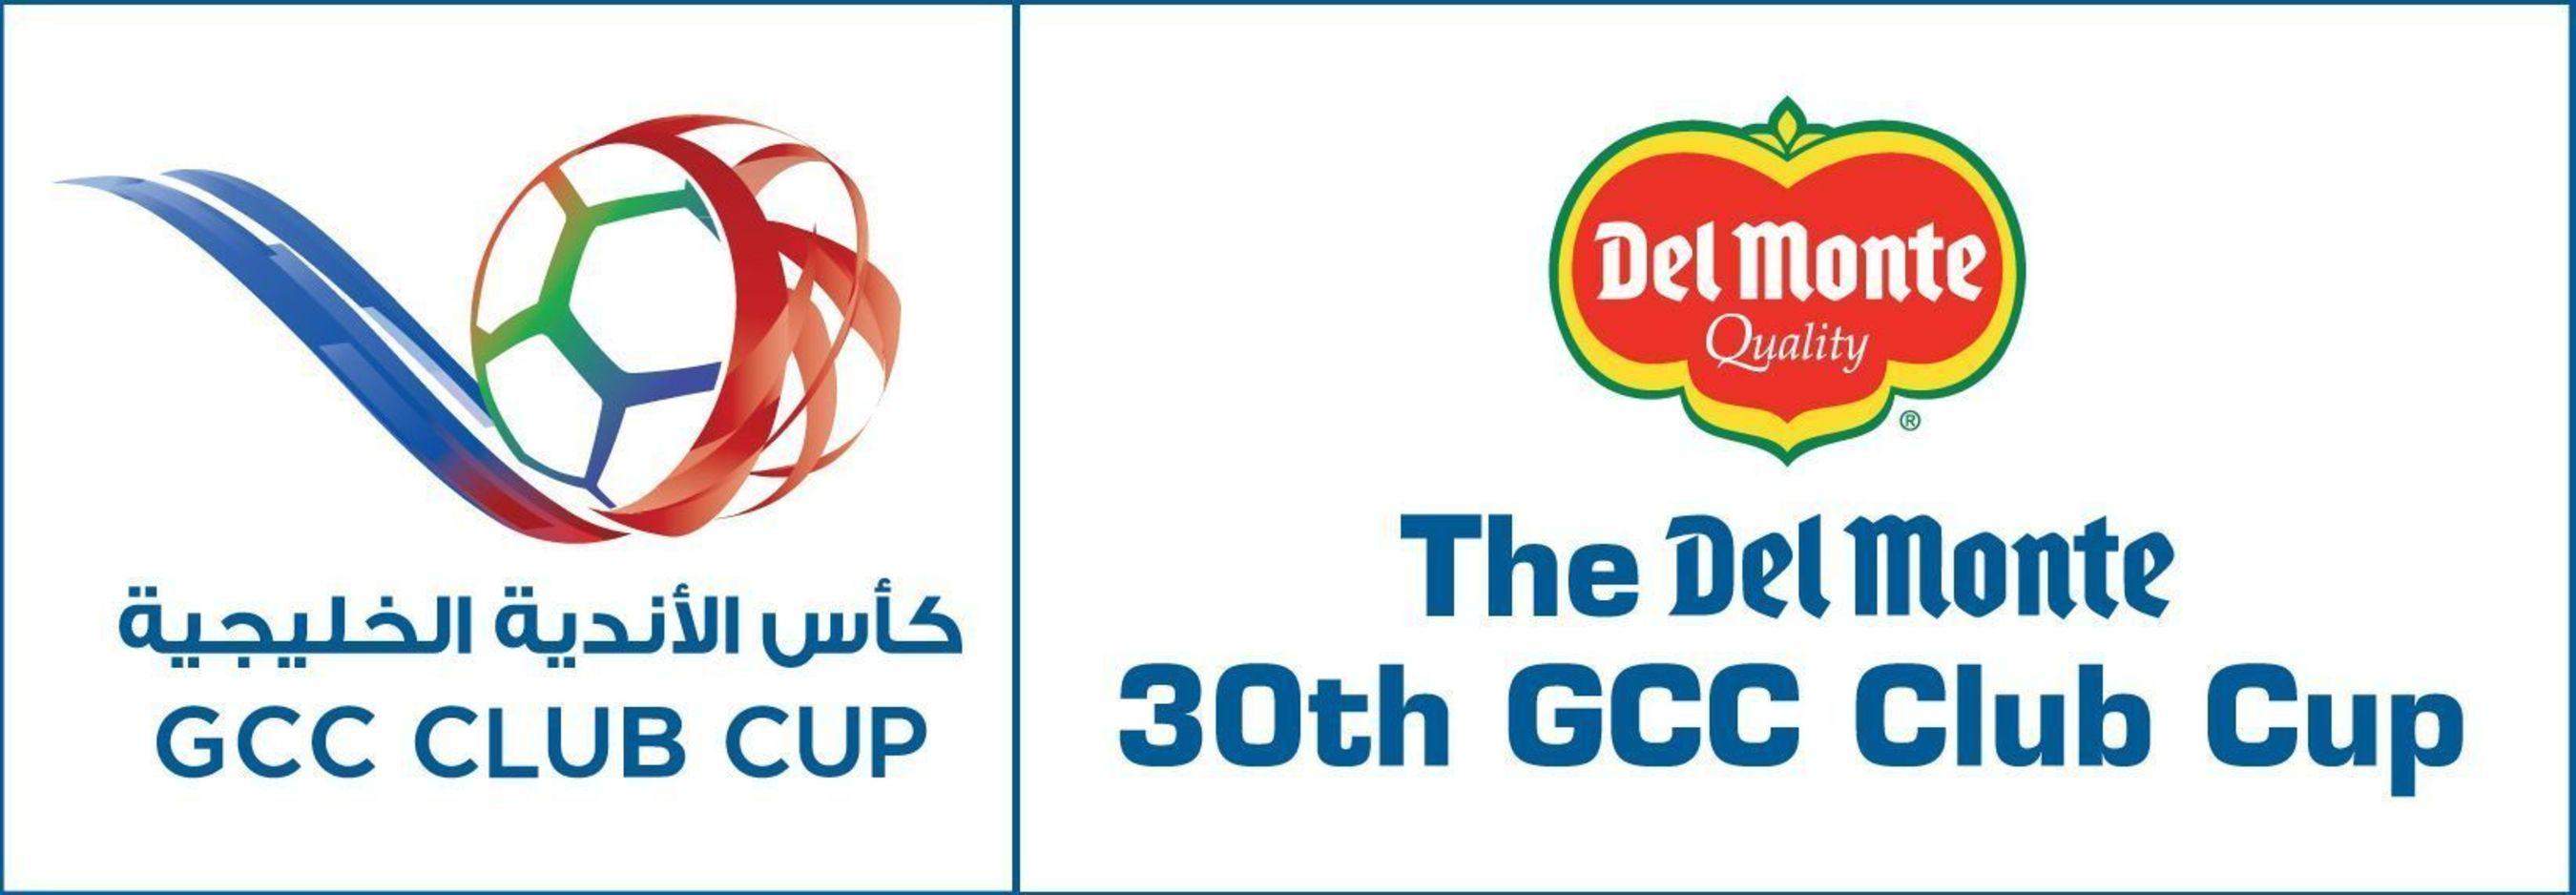 The Del Monte 30th GCC Club Cup (PRNewsFoto/Del Monte)